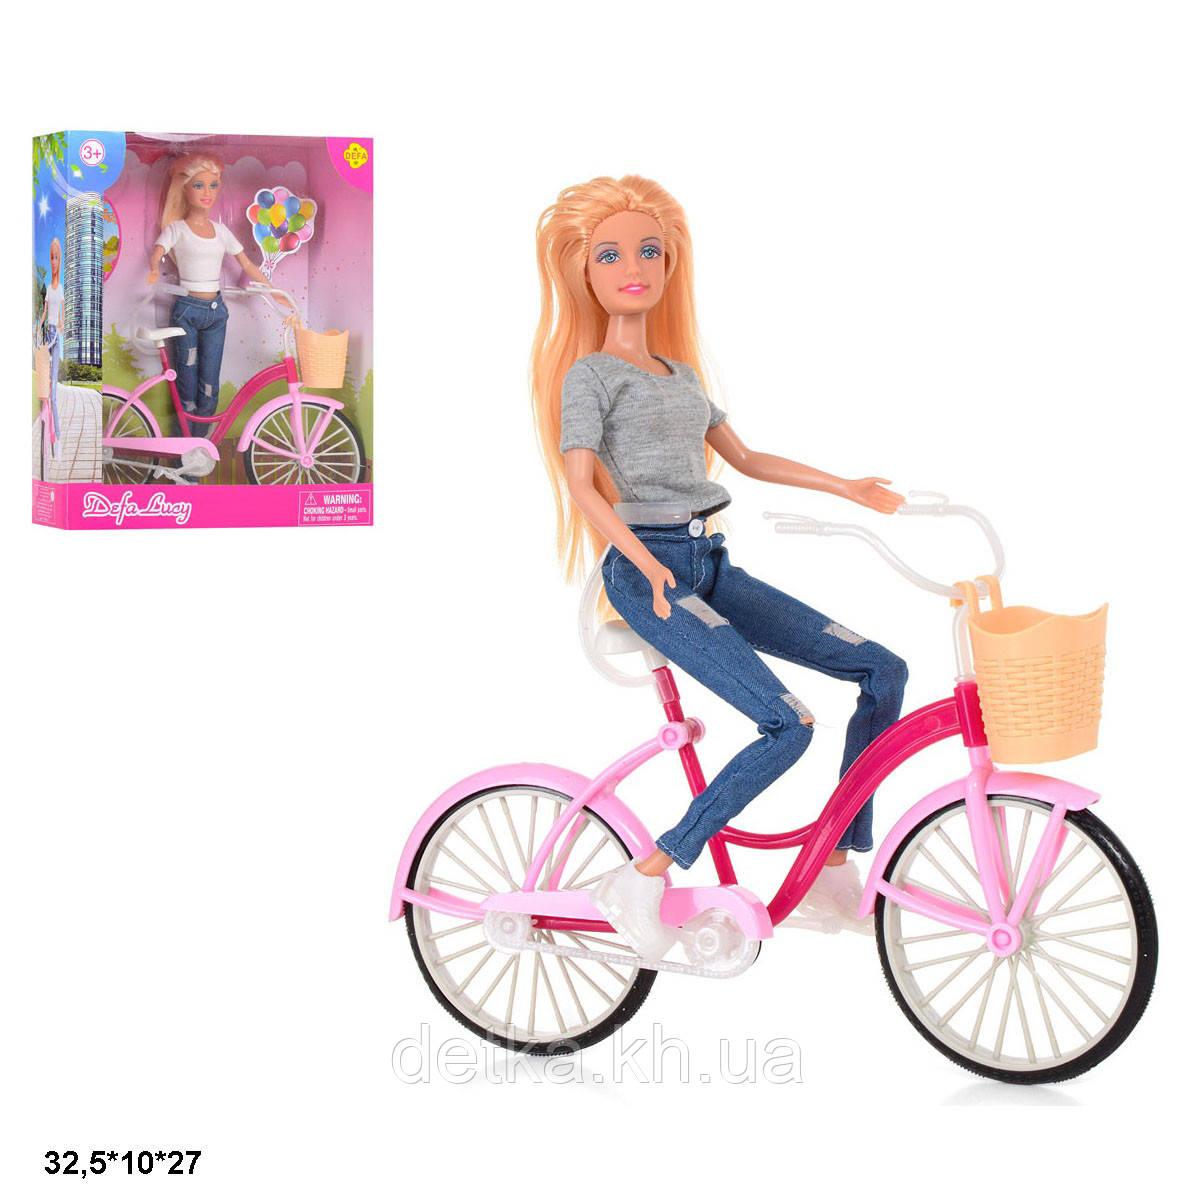 Кукла DEFA 29см с велосипедом